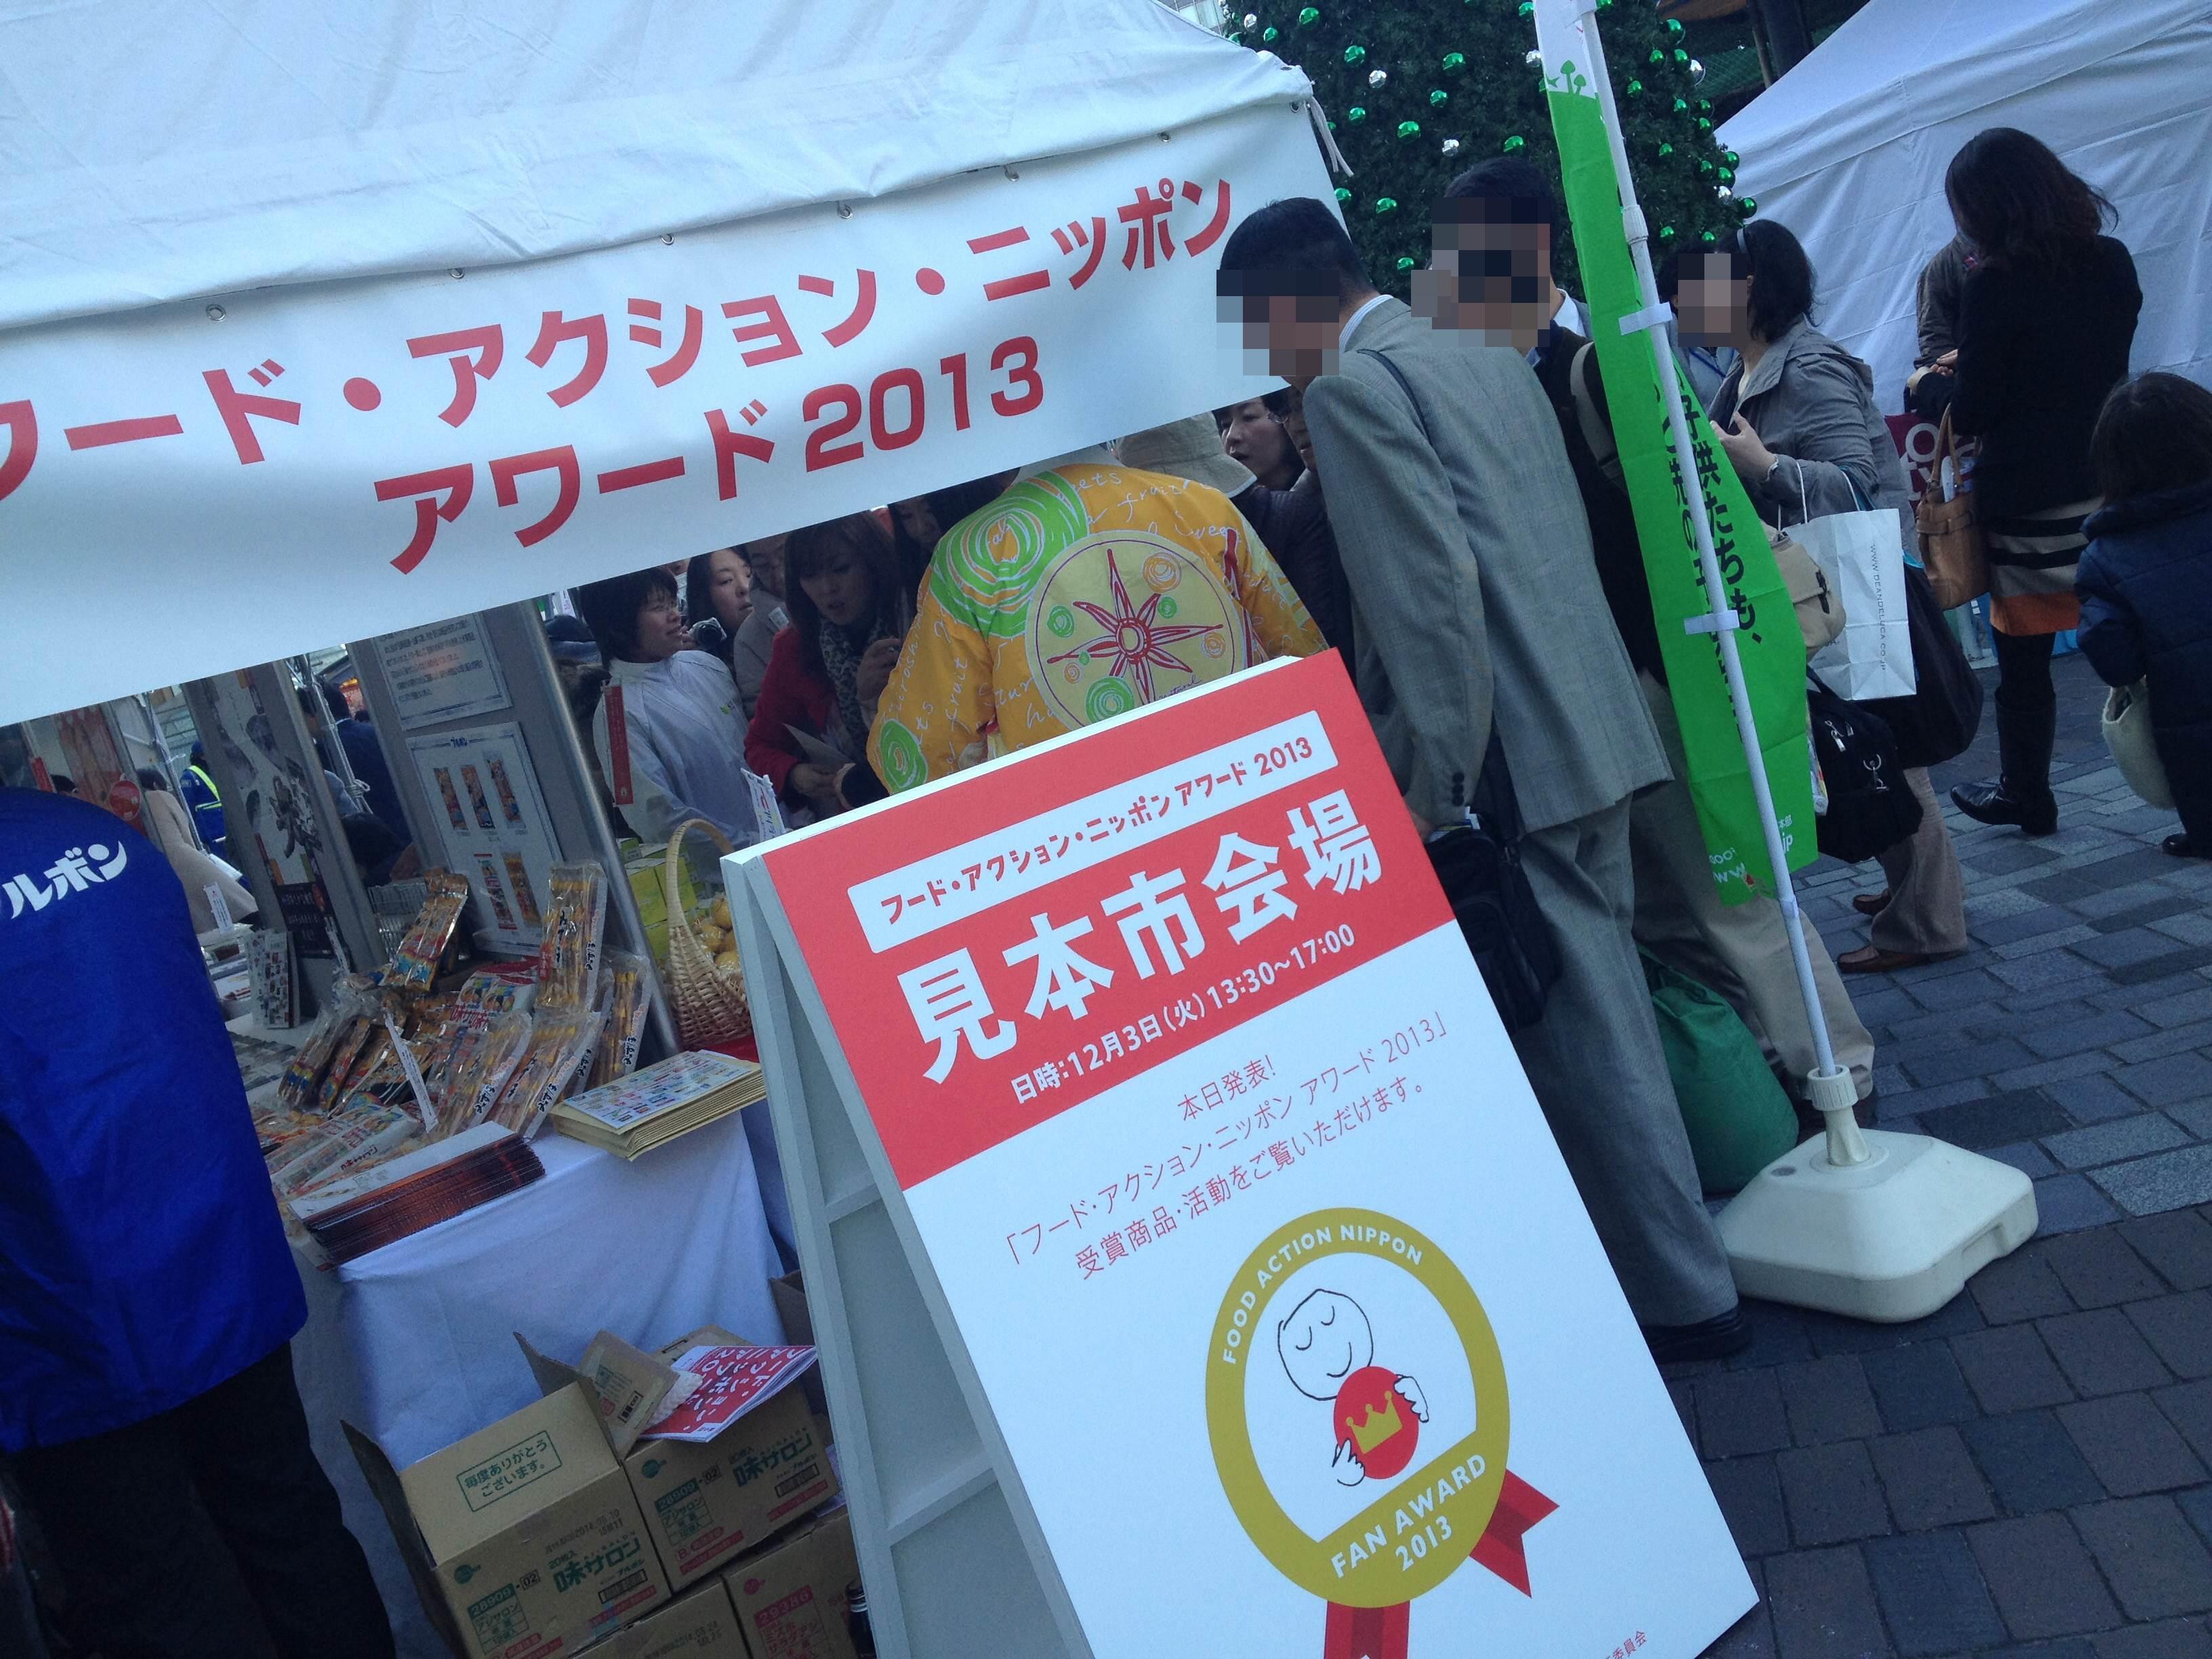 フードアクションニッポンアワード2